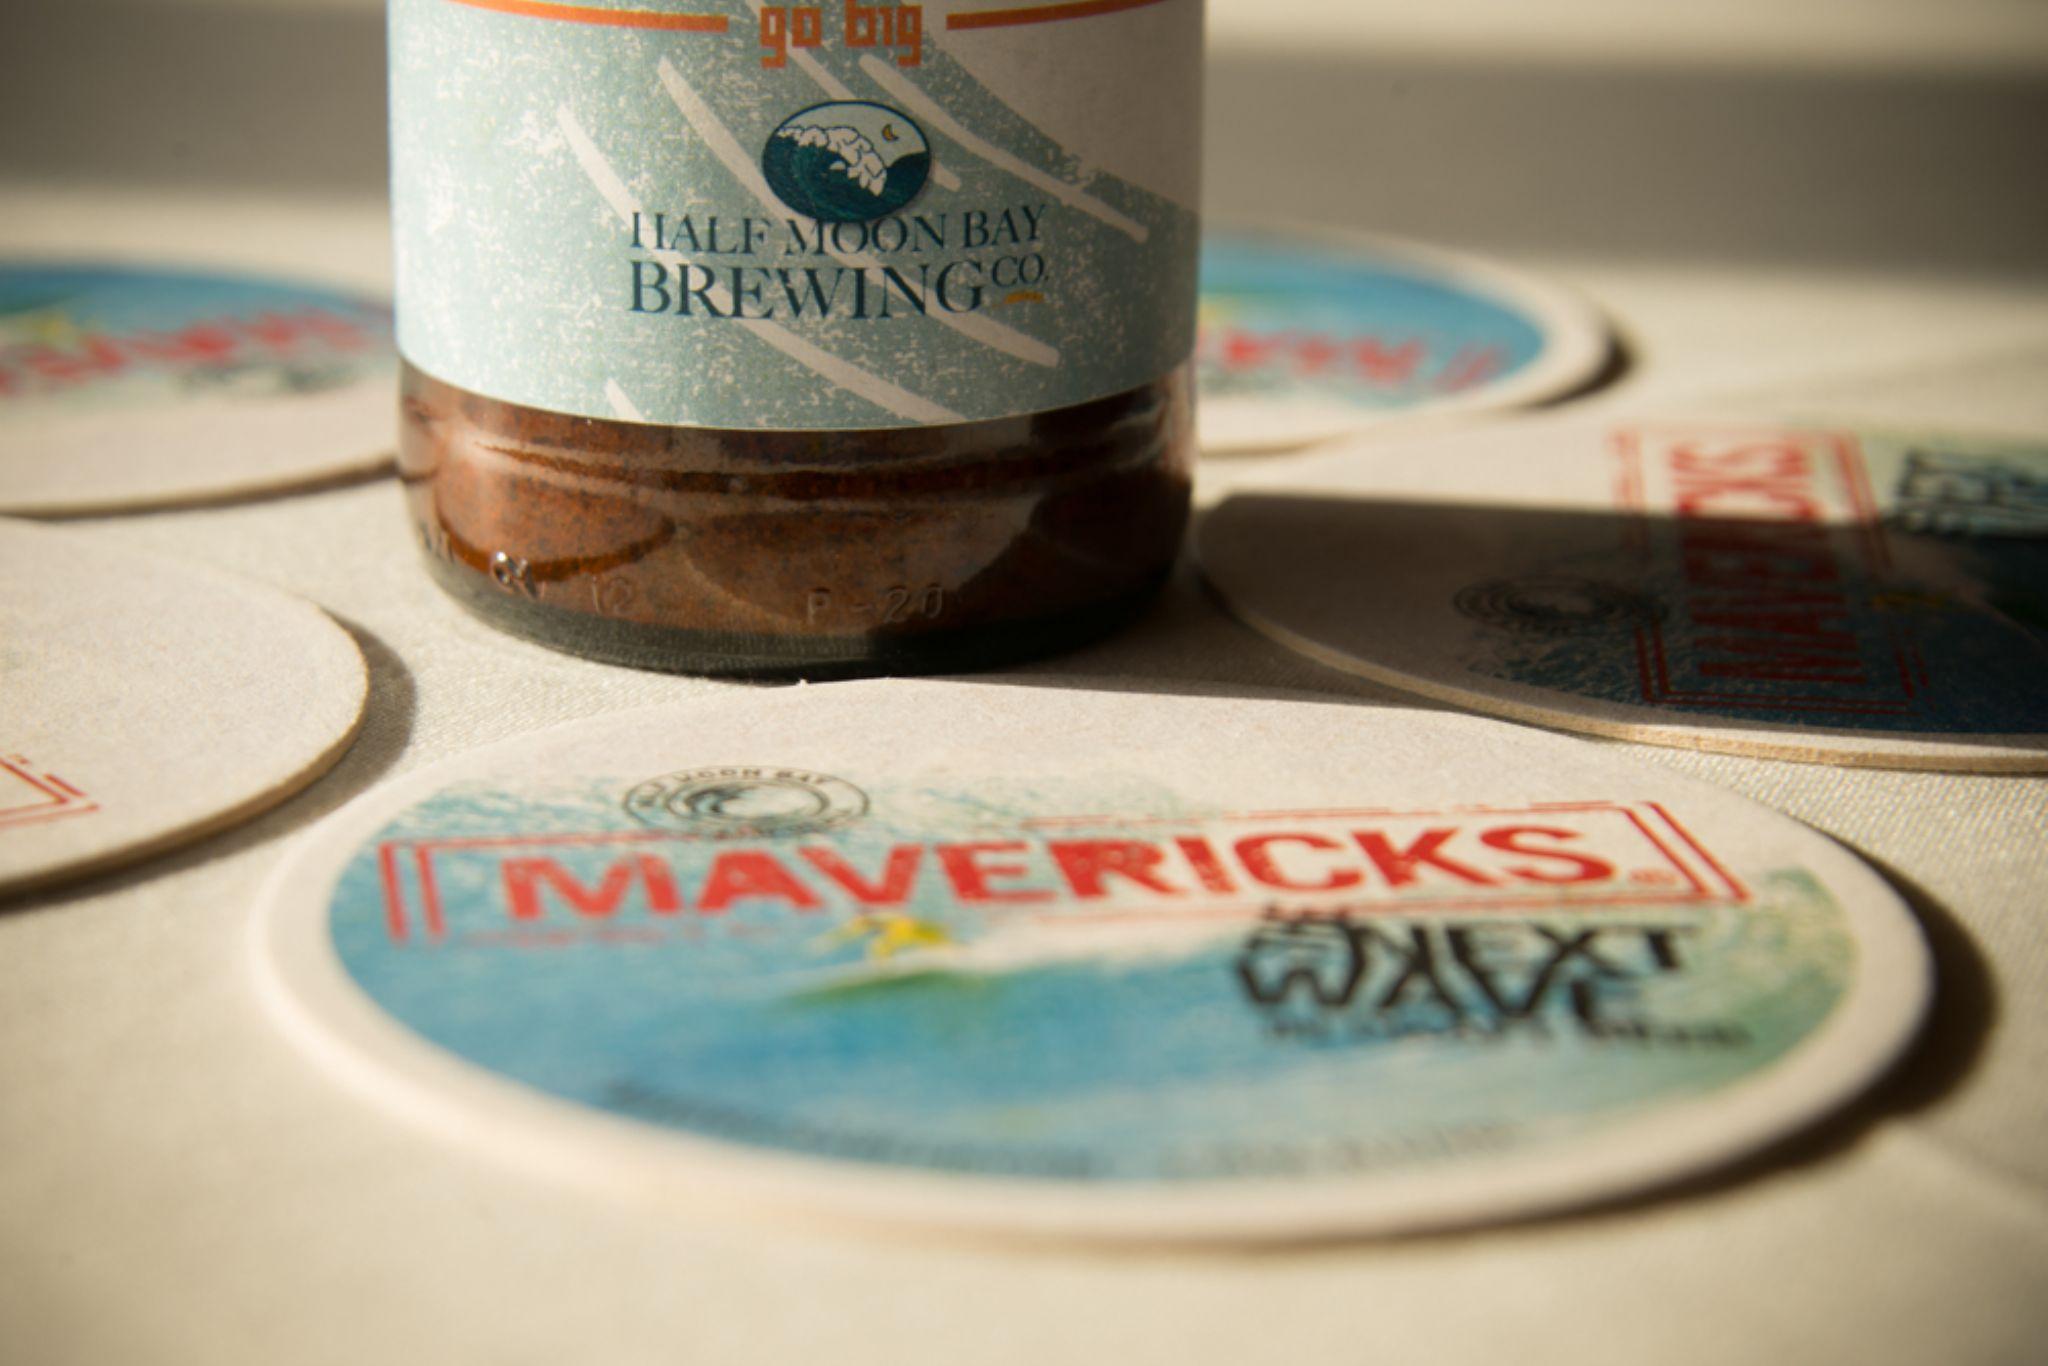 Maverick's -The Next Wave by SweetJoJoPhotography